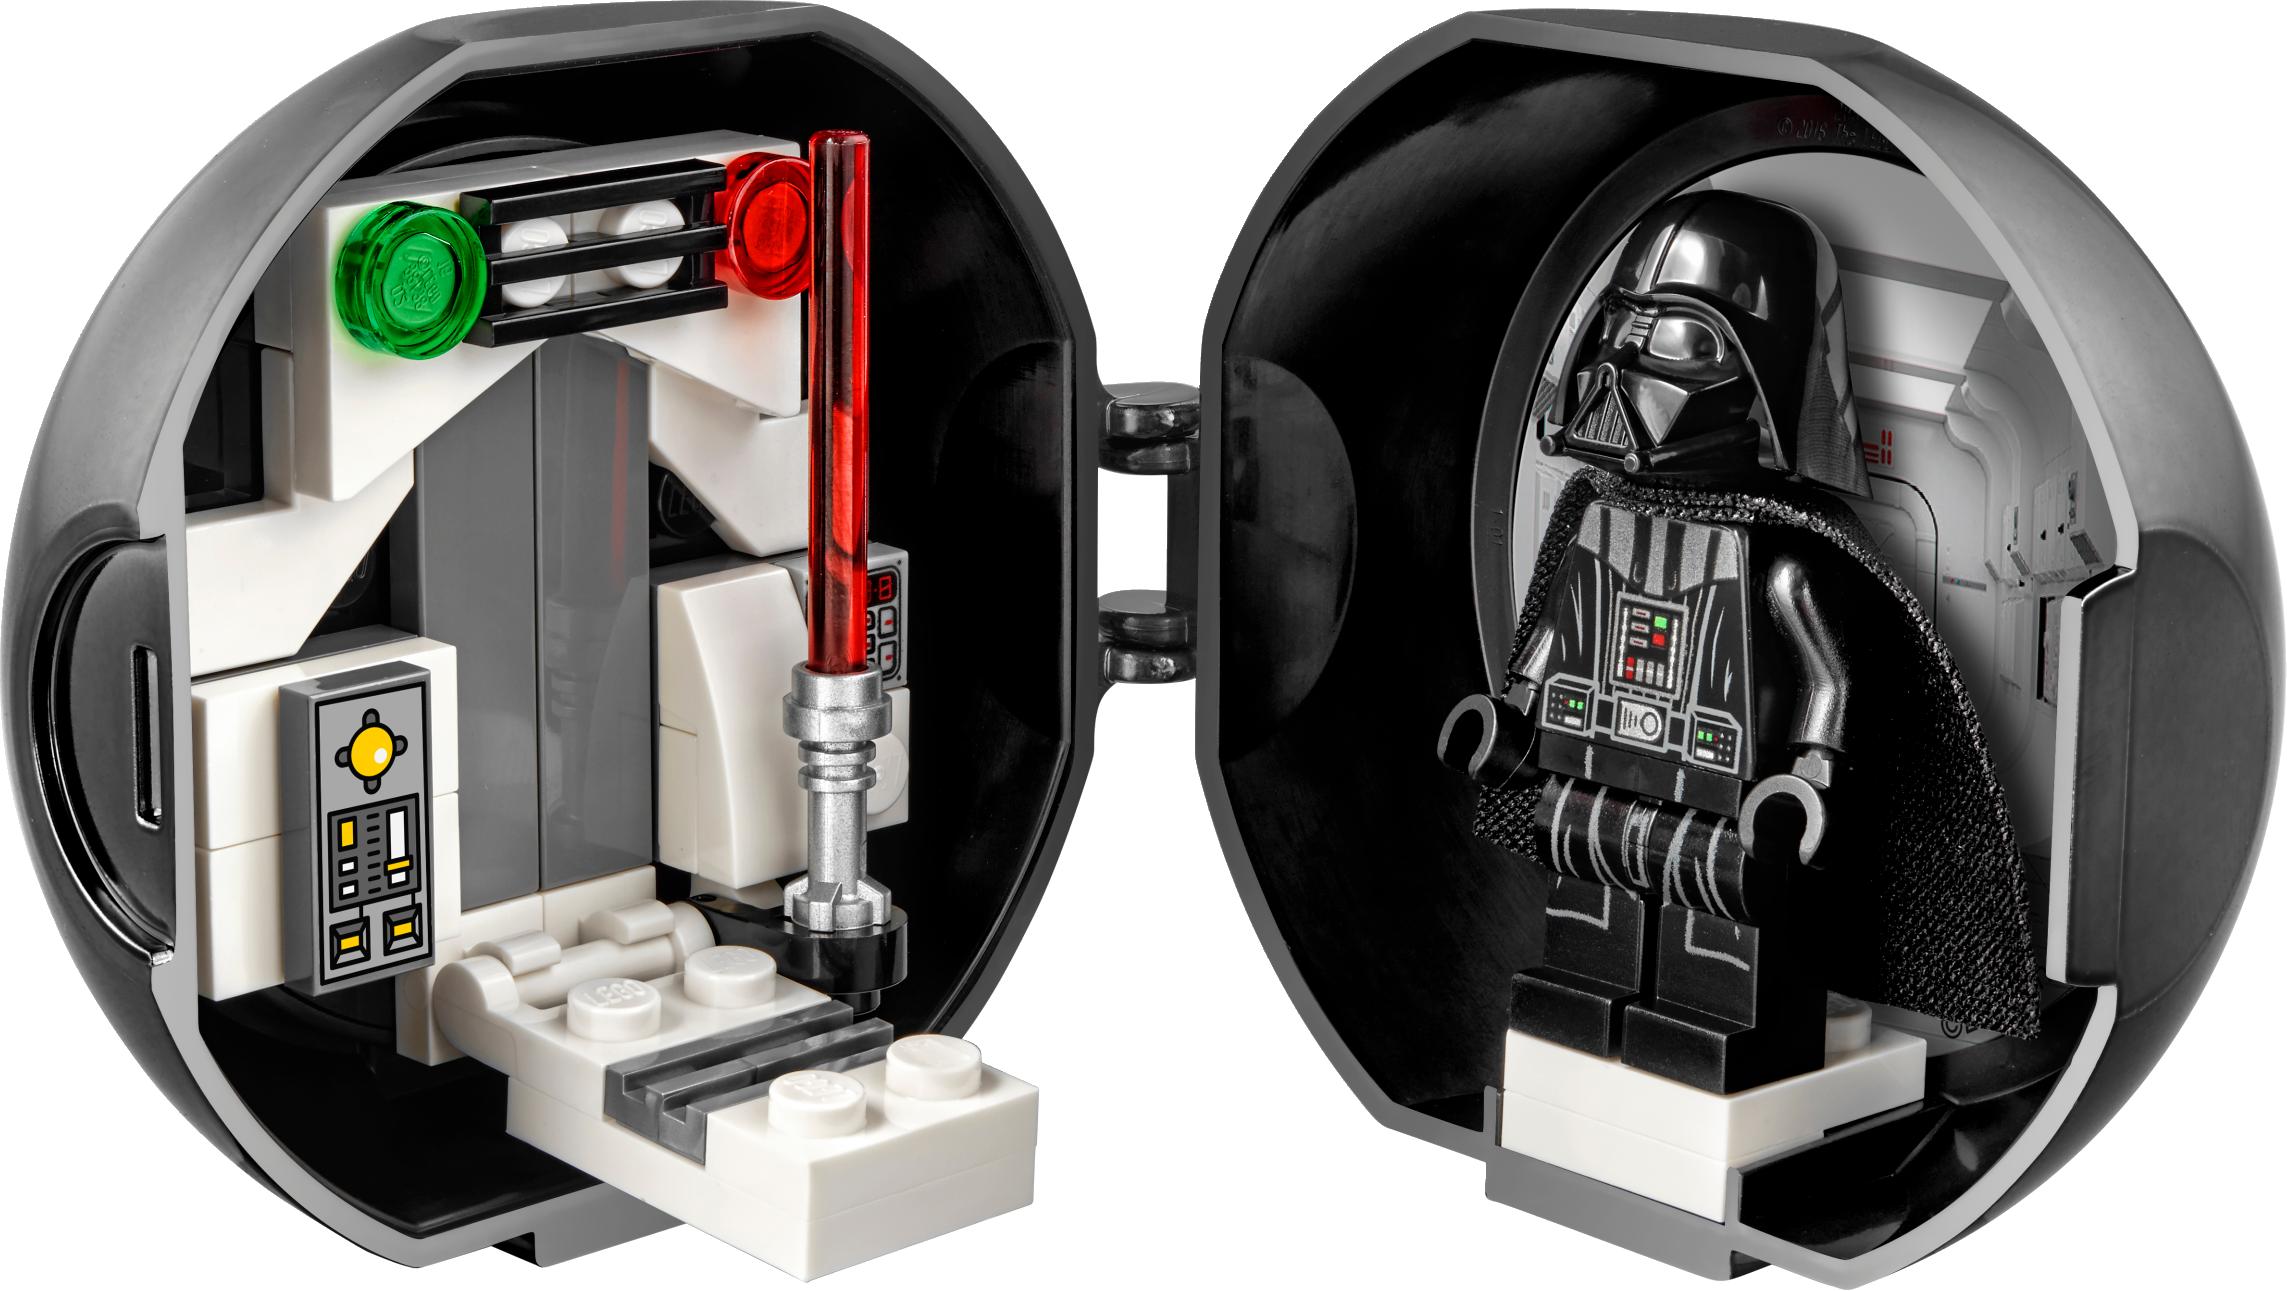 Star Wars Anniversary Pod